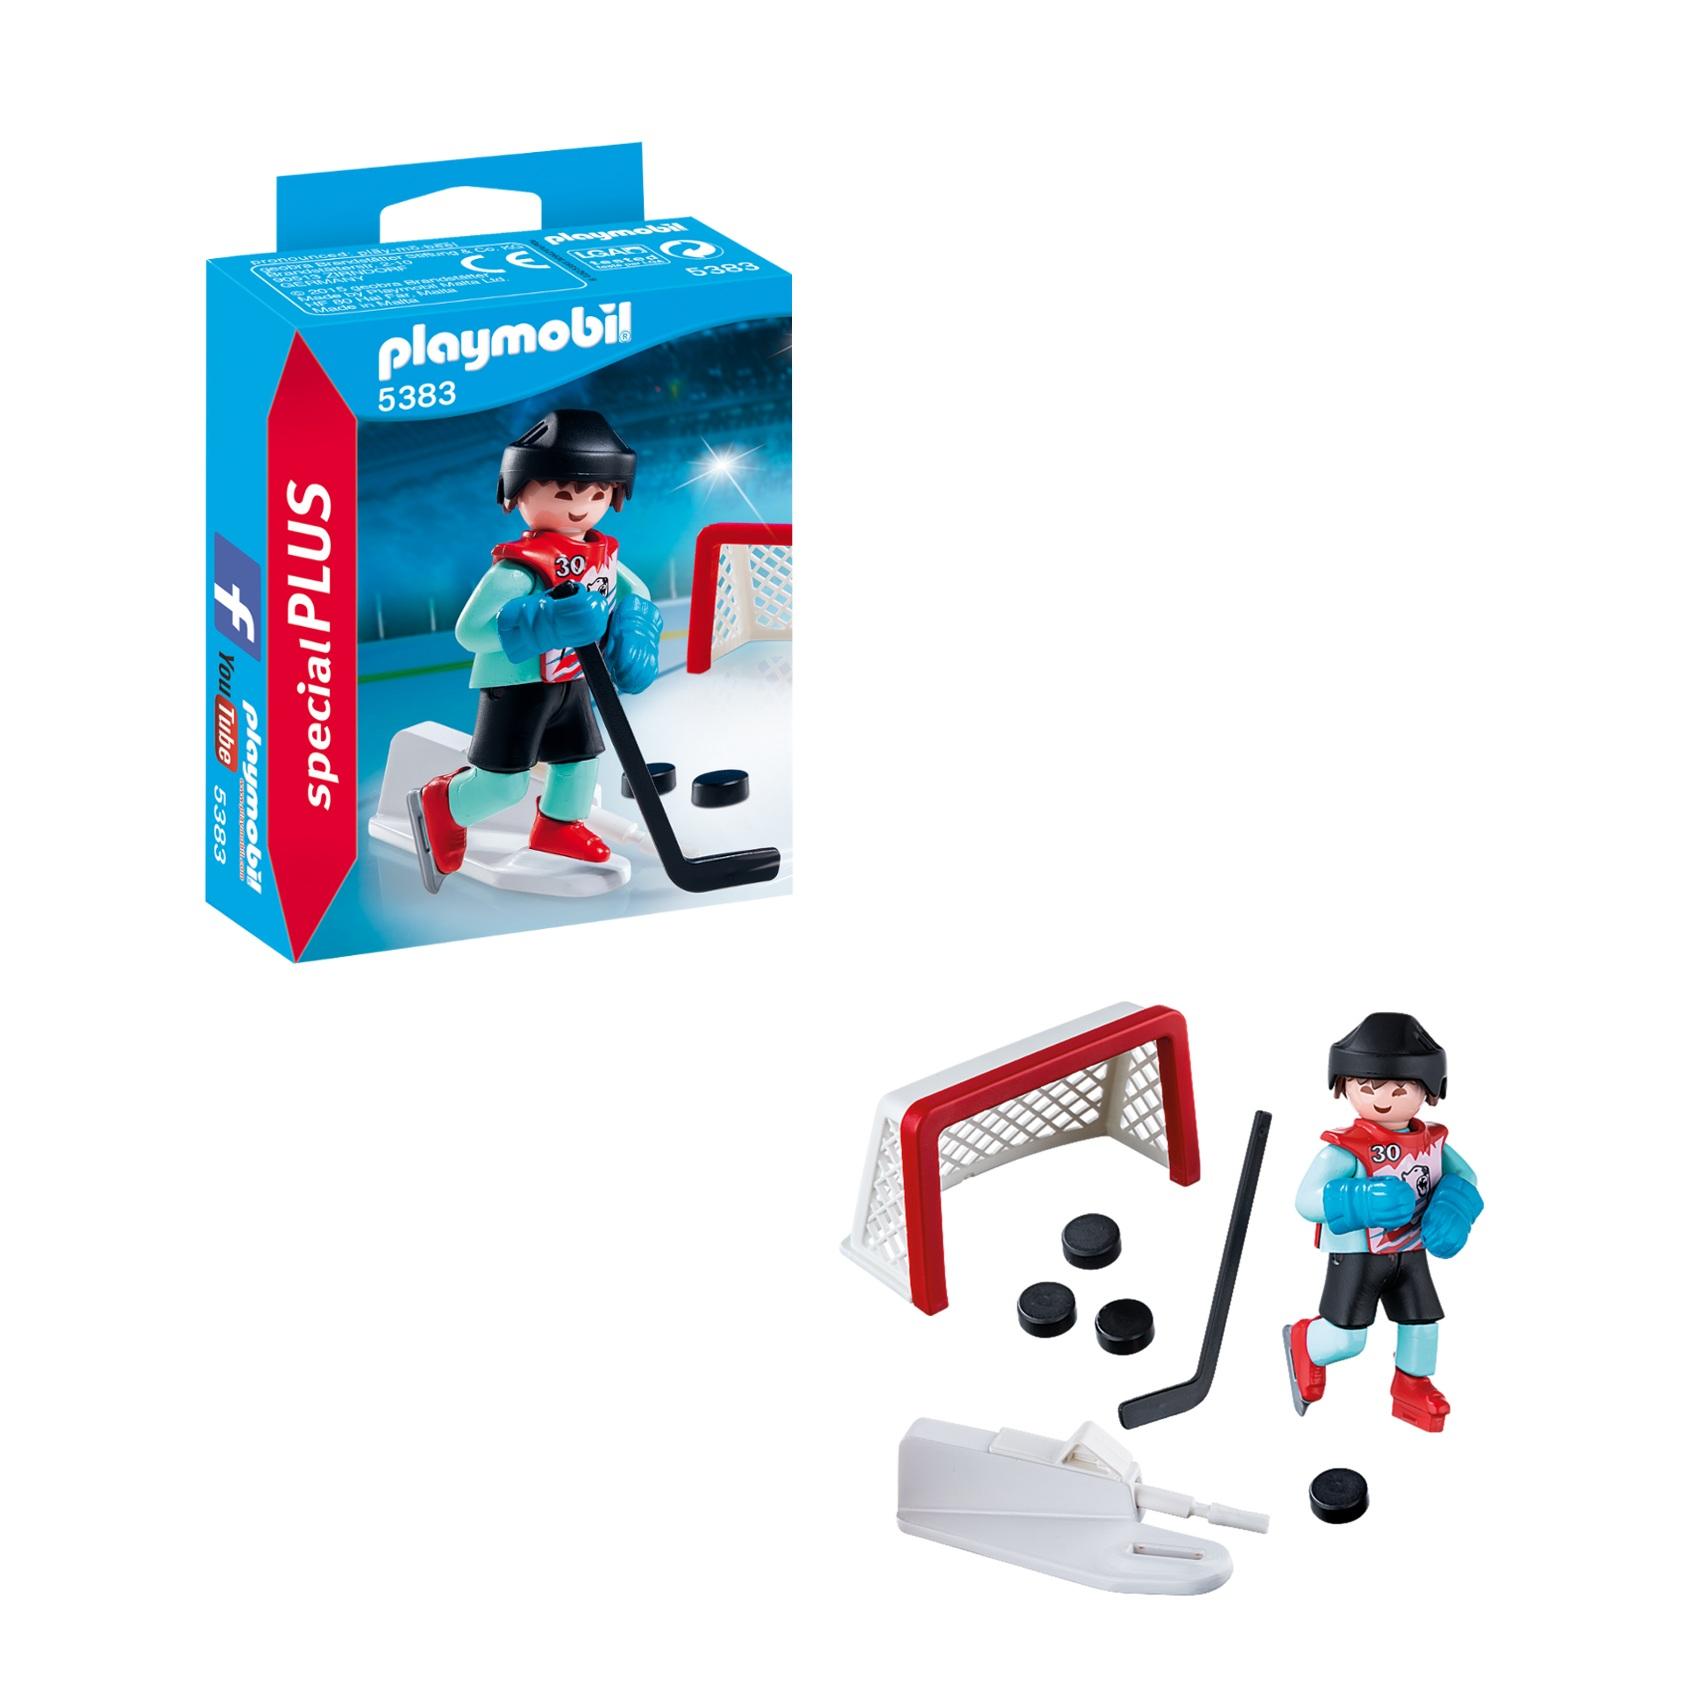 Купить Экстра-набор: Тренировка хоккей, Playmobil